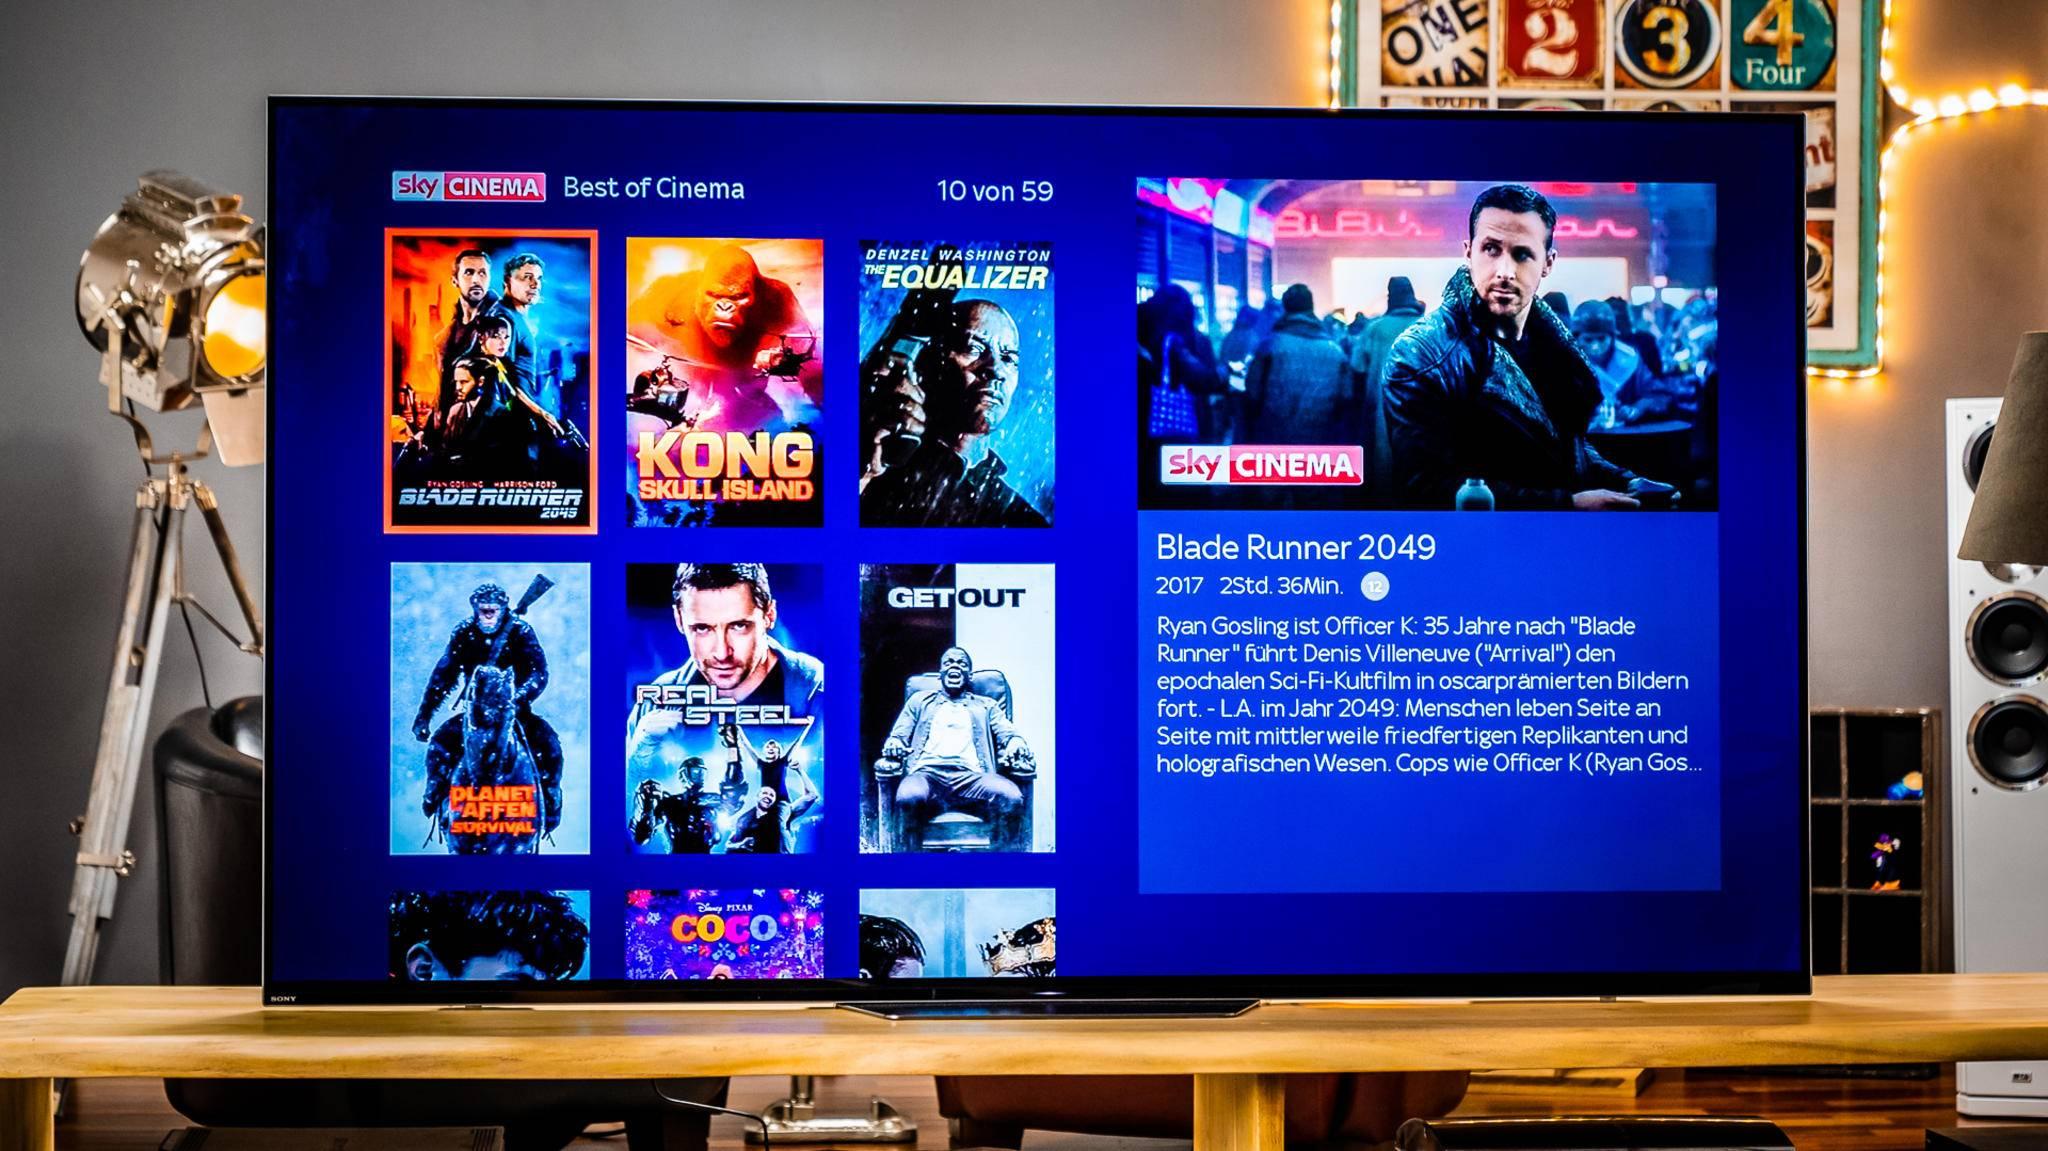 Mehr Flexibilität, günstigere Preise und HD inklusive: Sky reagiert auf den Konkurrenzdruck.